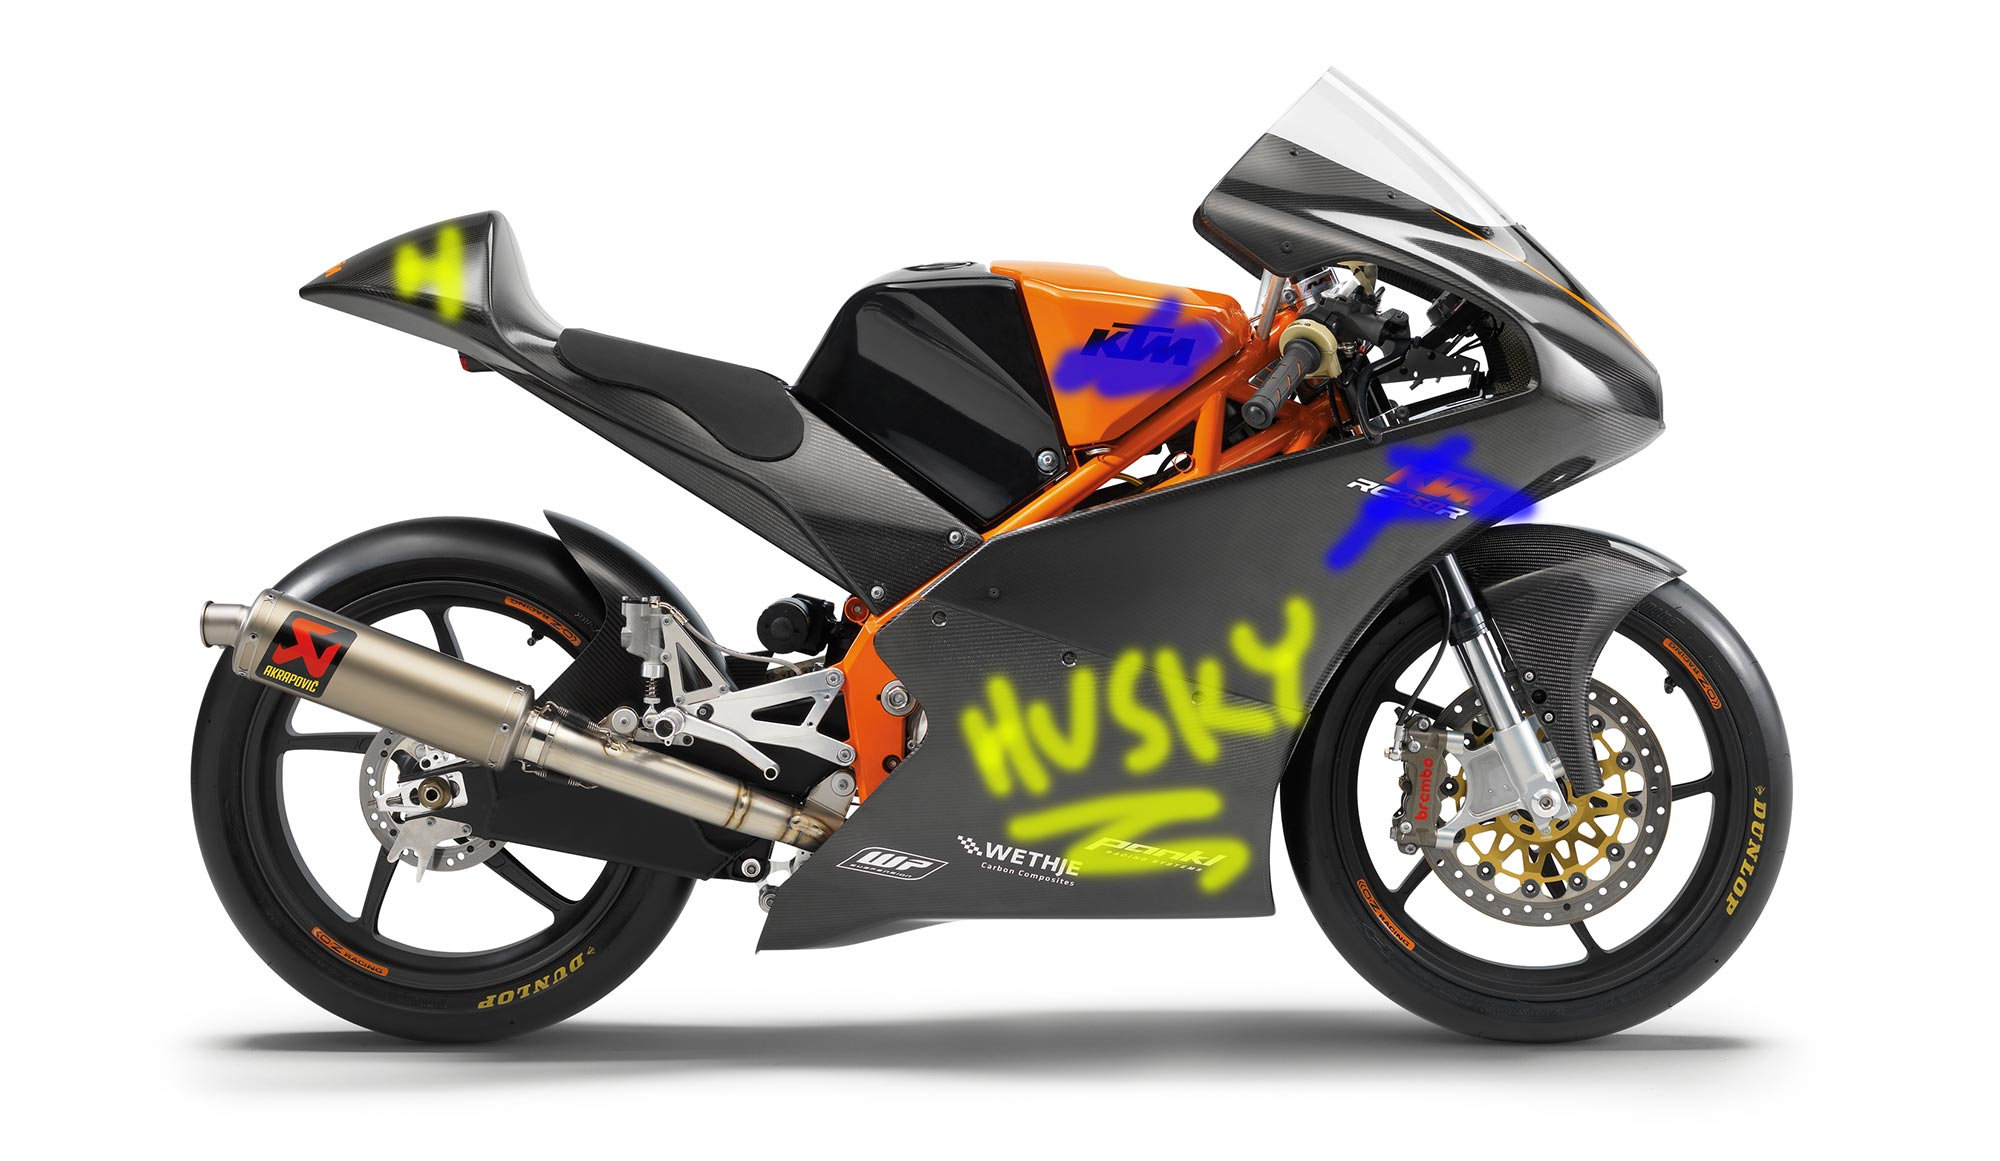 Husqvarna Enters Moto3 with Rebadged KTM Bike - Asphalt & Rubber